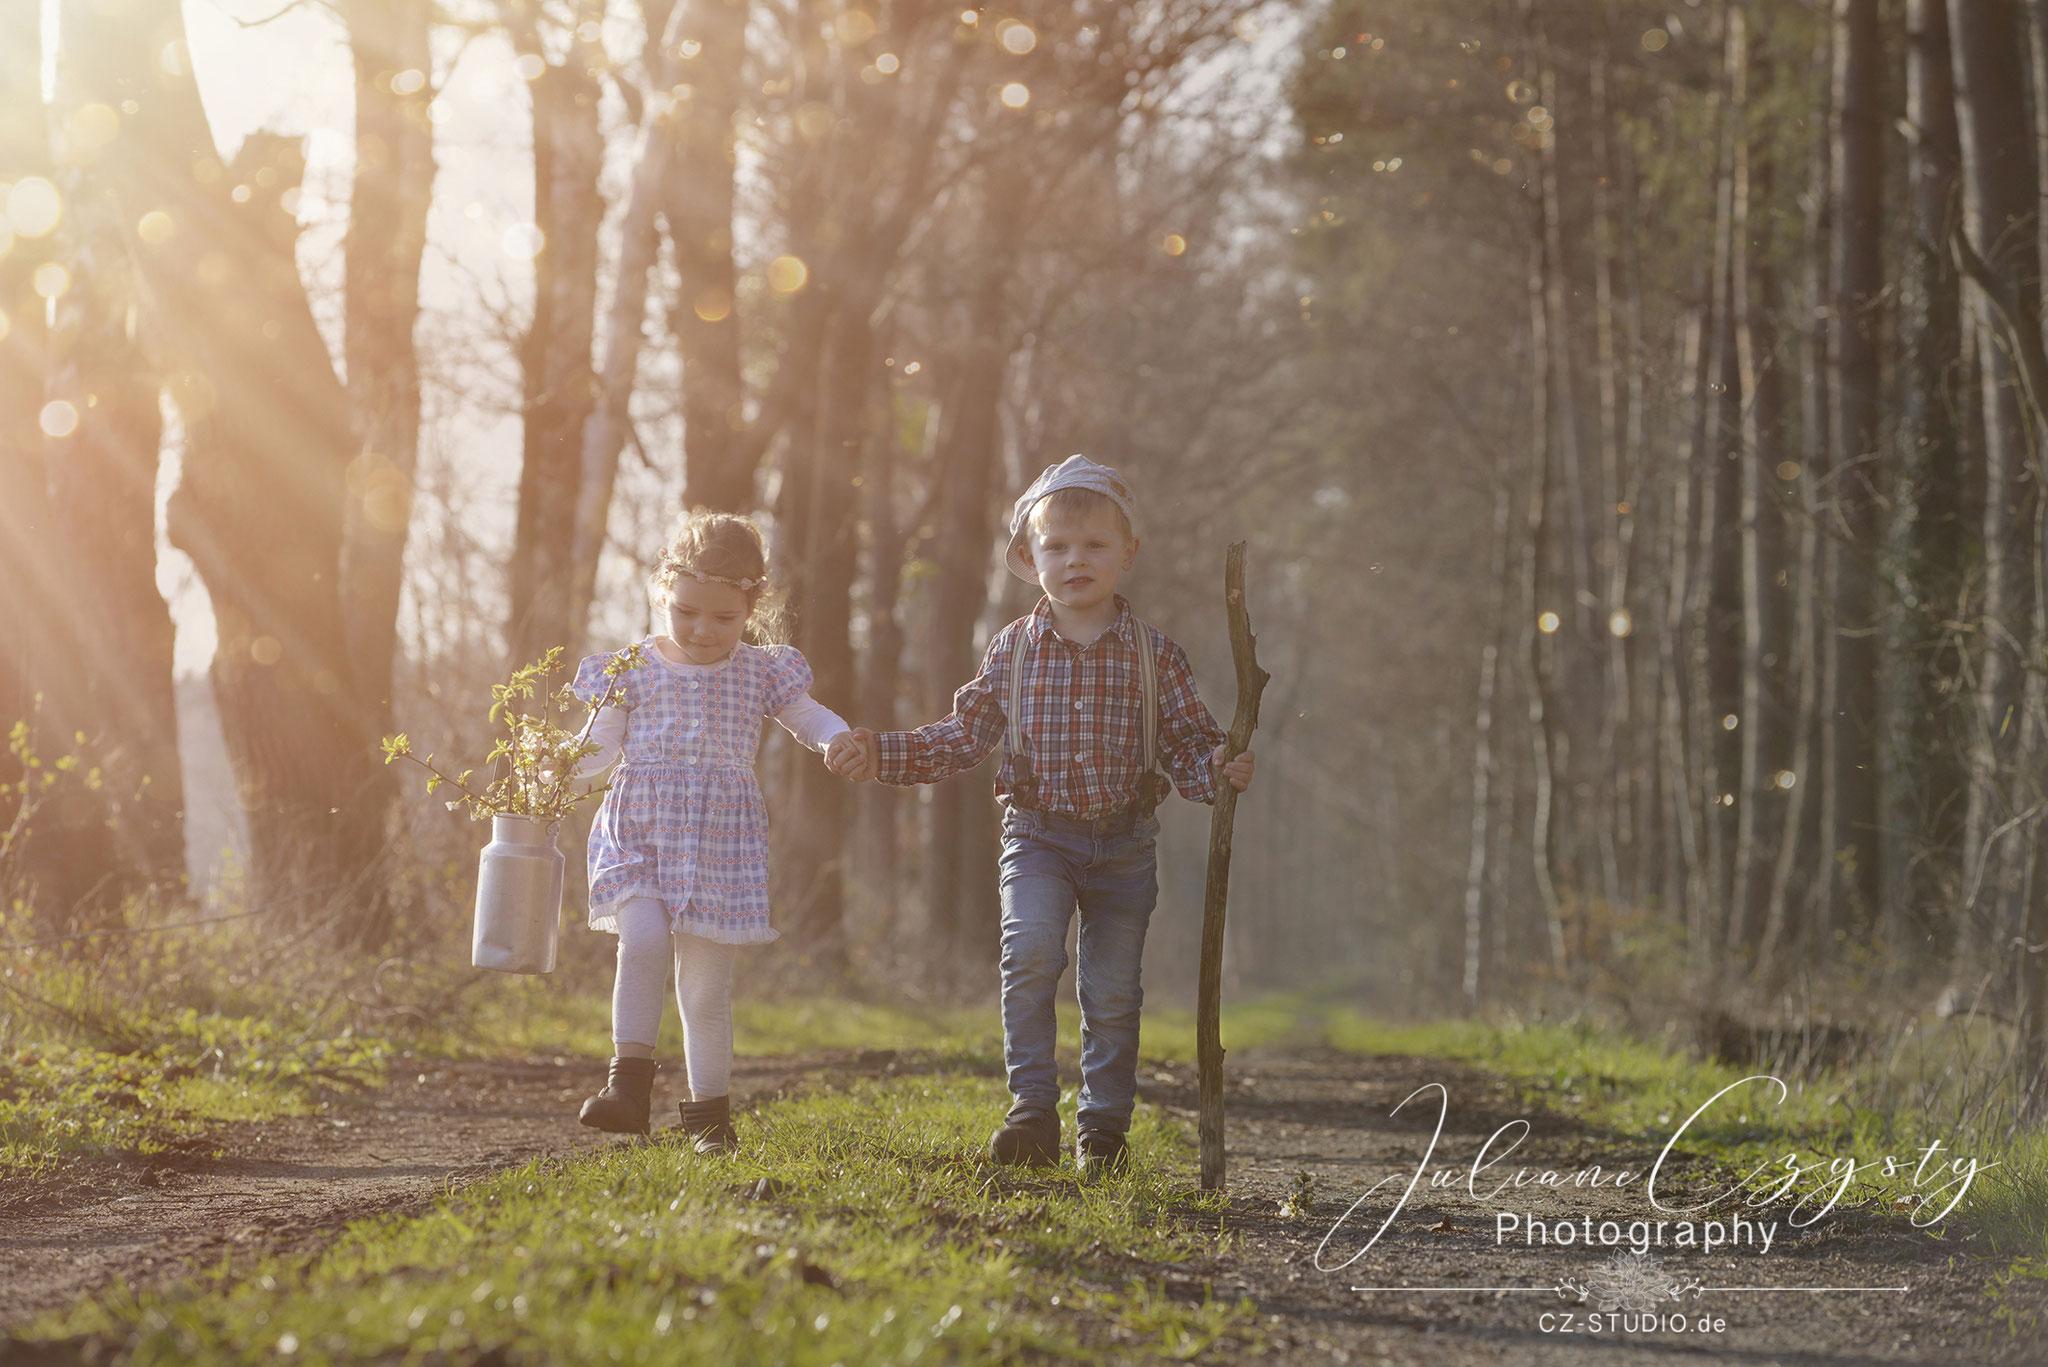 Familien-Fotoshooting – Juliane Czysty, Fotografin in der Nähe von Rotenburg